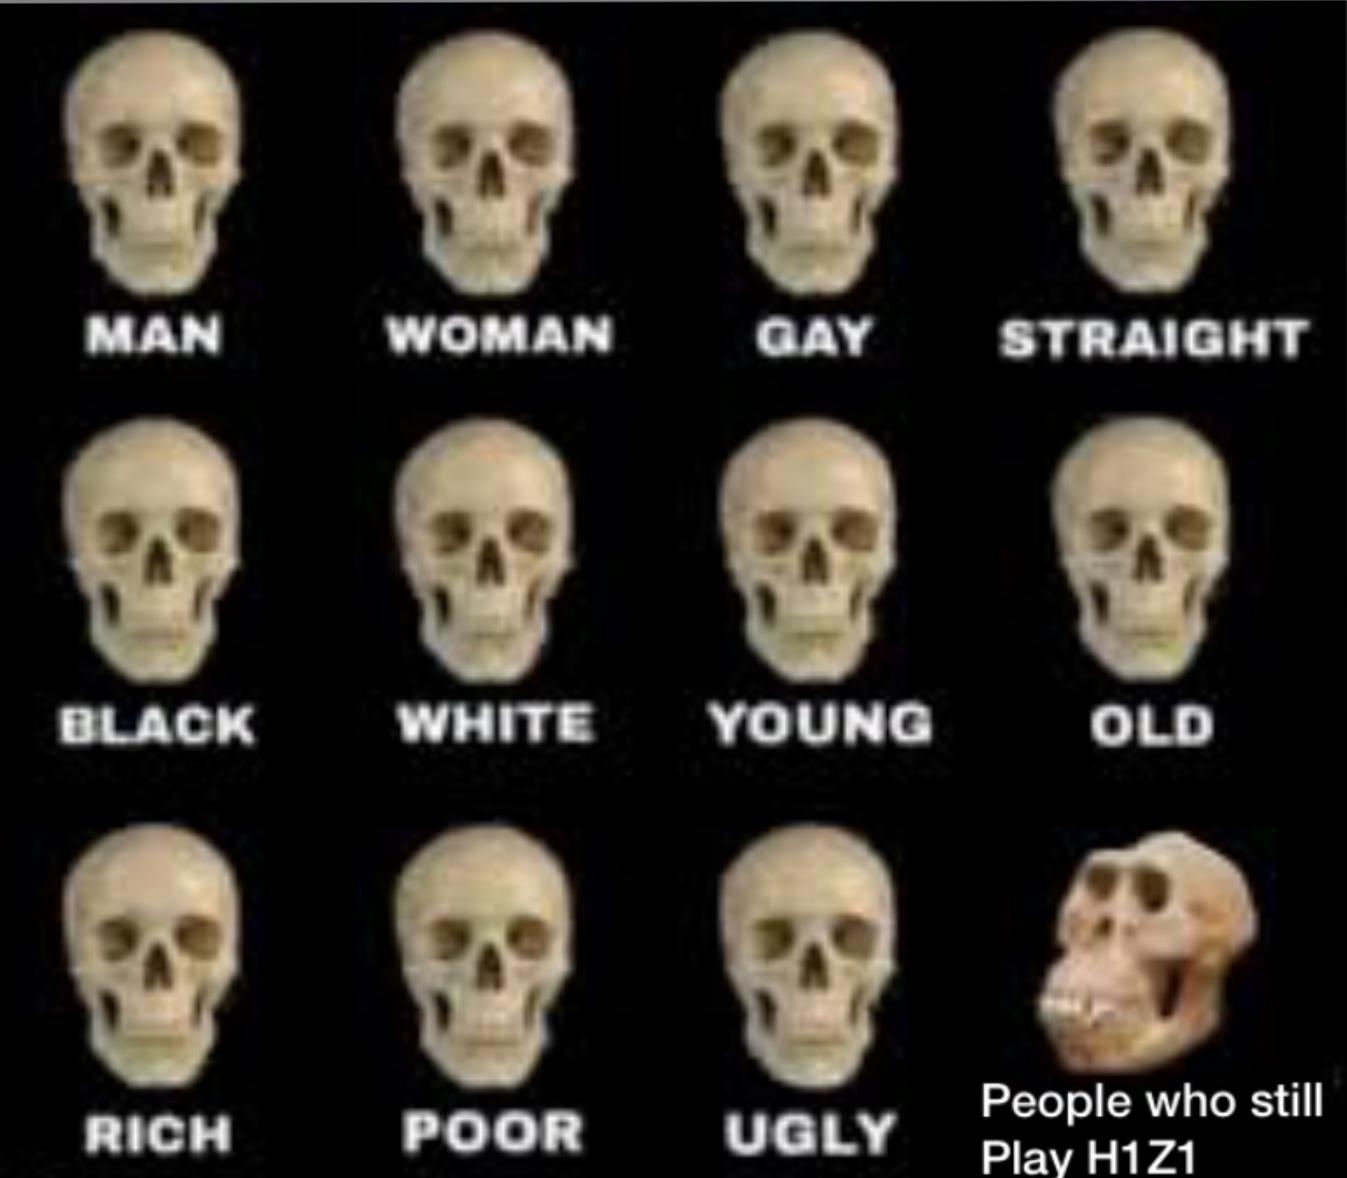 H1Z1 died long ago - meme